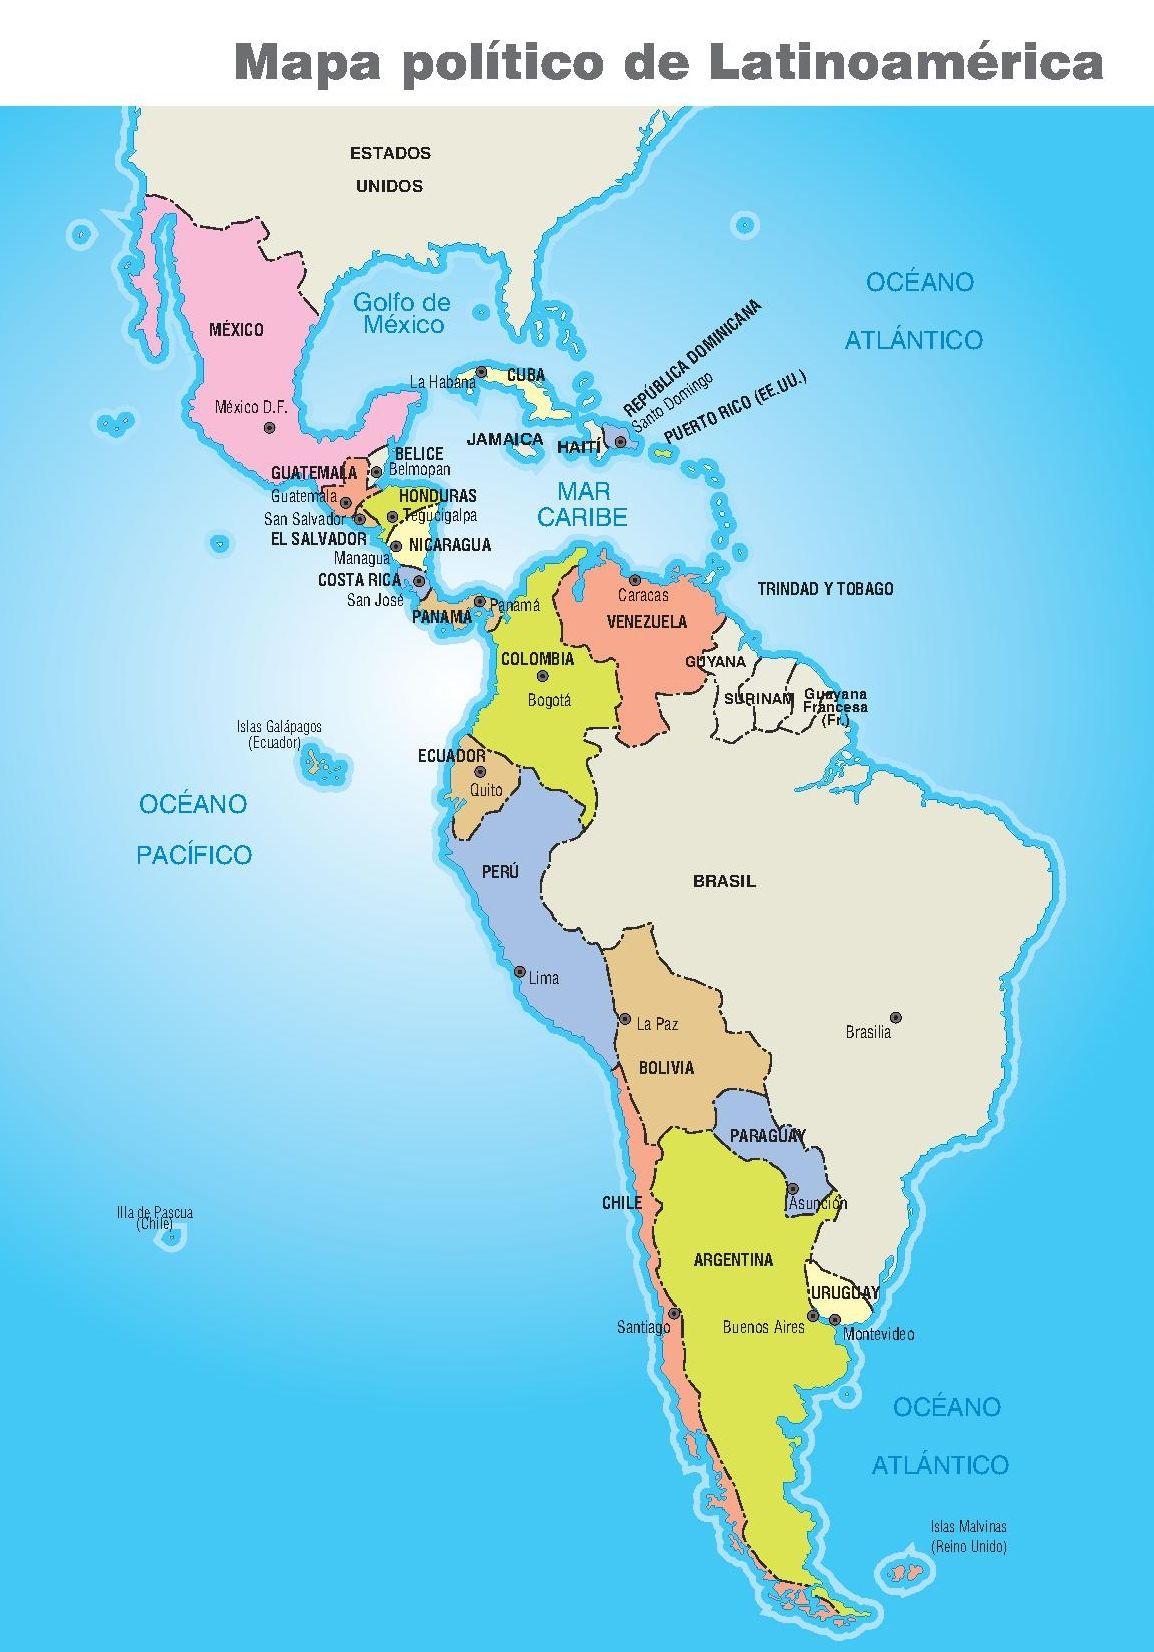 america latina mapa Mapa político de América latina. | escuela | Pinterest | America y  america latina mapa